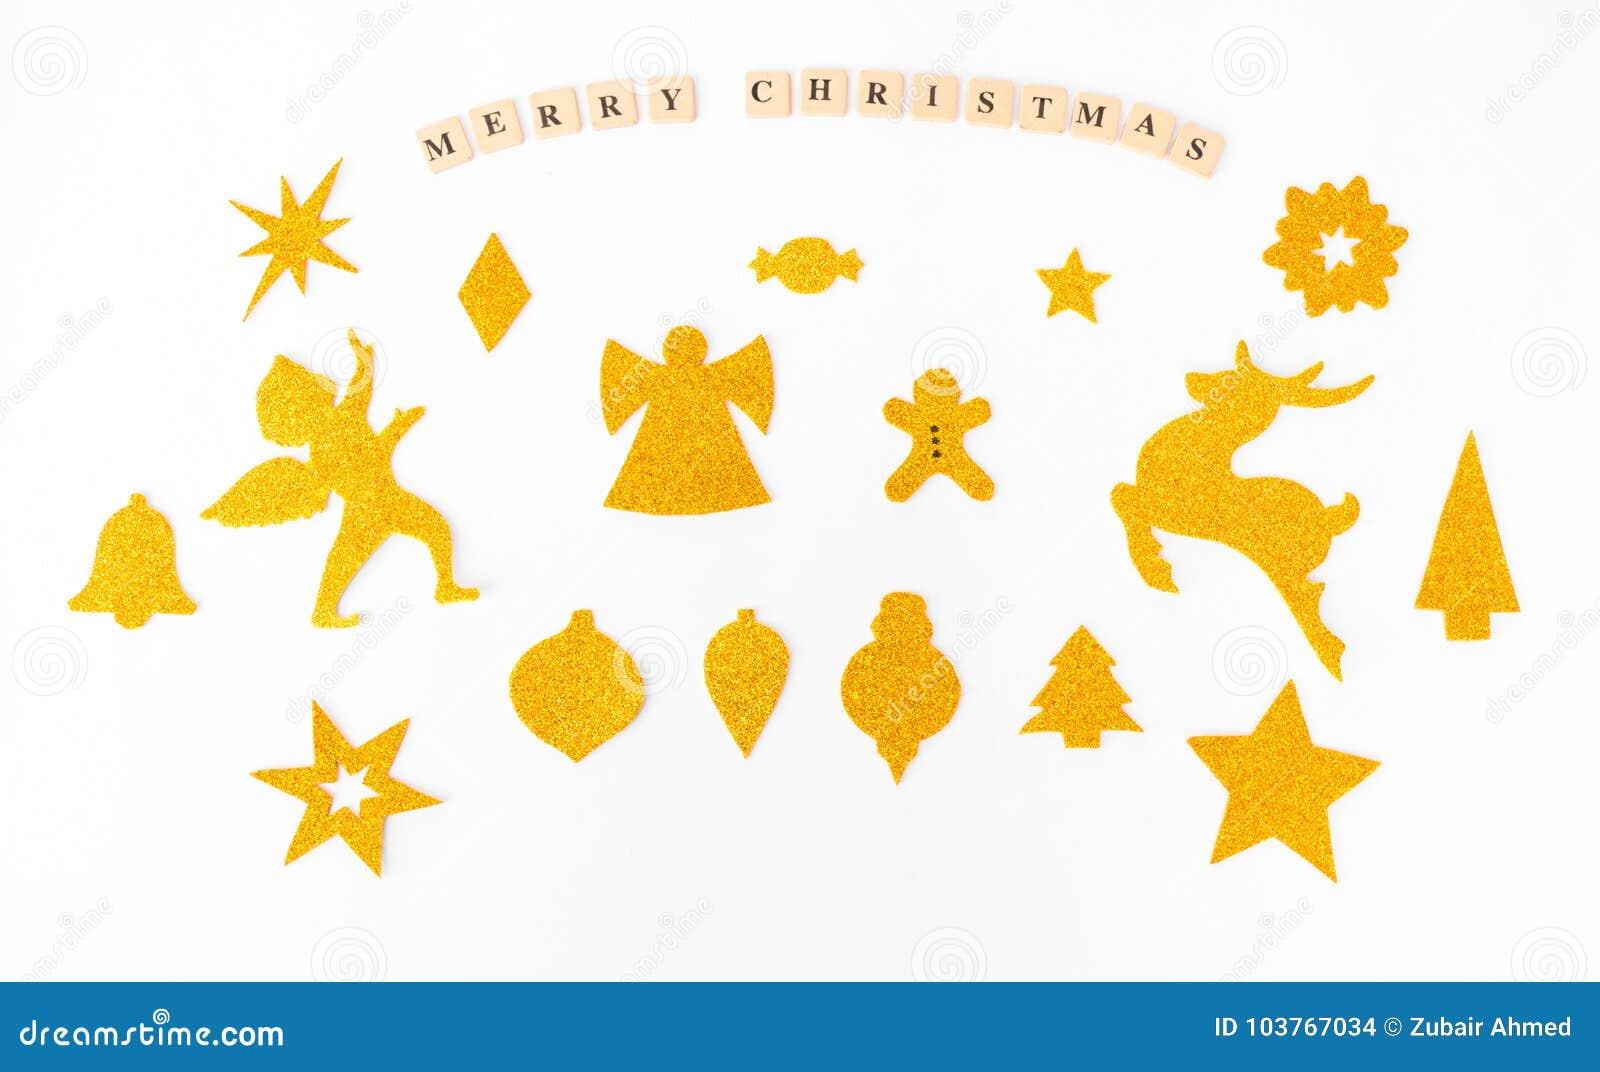 Μοντέρνη χλεύη μορφών Χριστουγέννων επάνω οι διακοπές για το χρόνο Χριστουγέννων Τοπ όψη